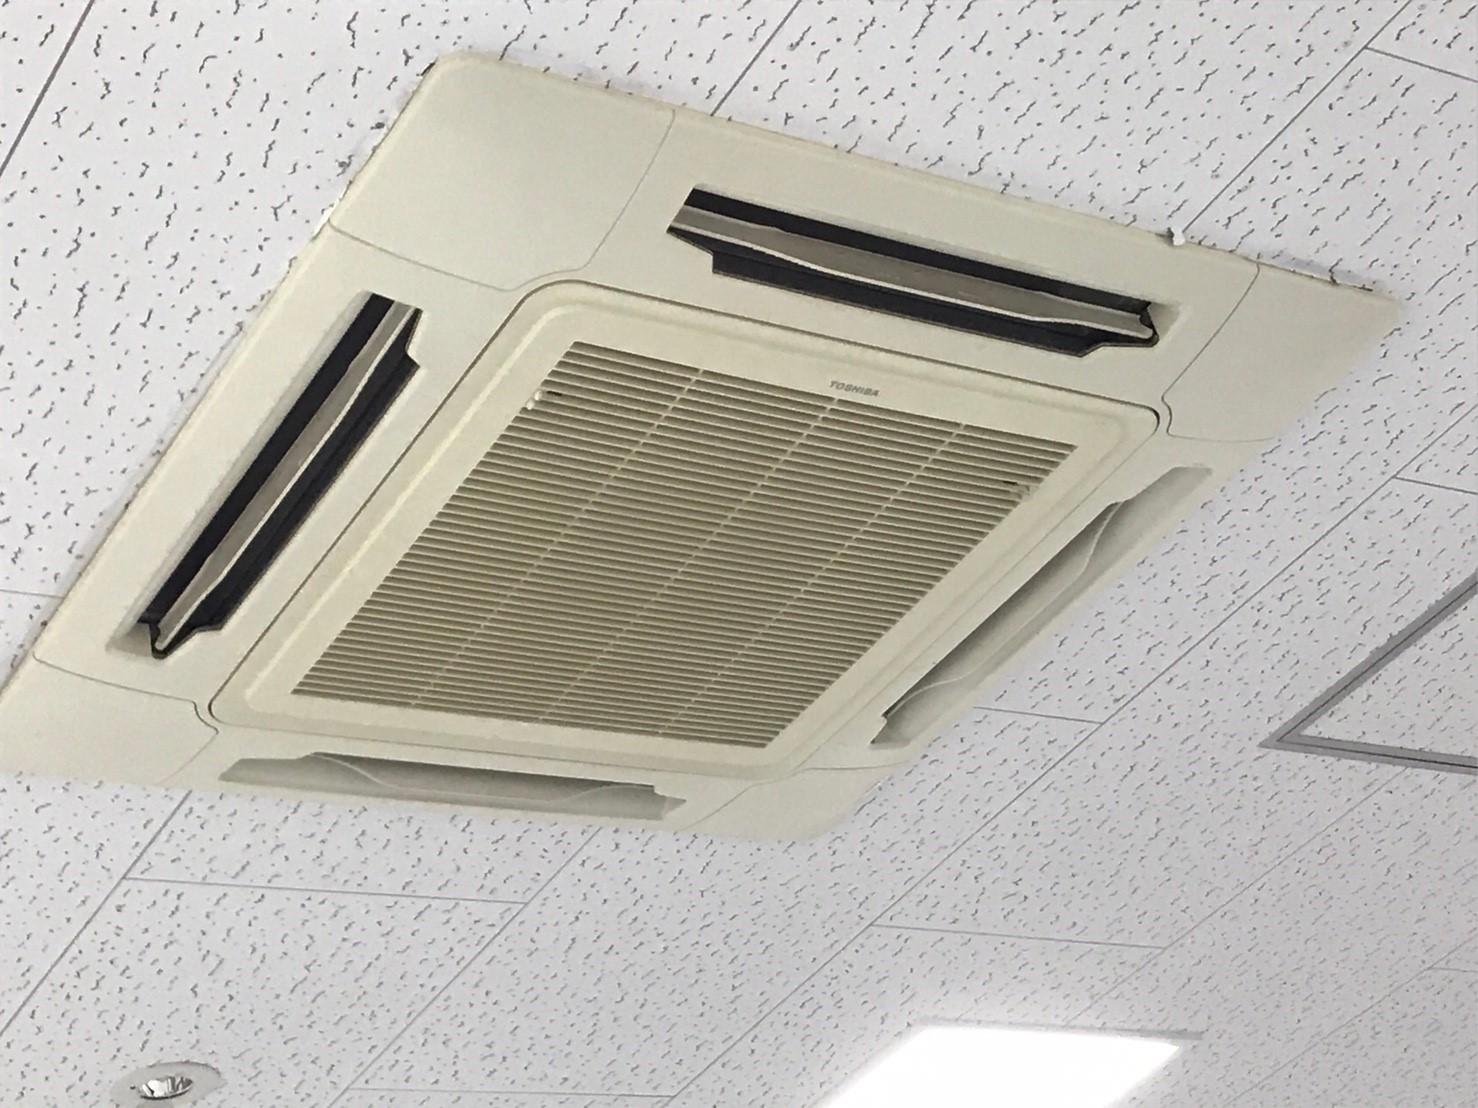 東芝製エアコンクリーニング大阪府箕面市現場写真。エアコン外観1